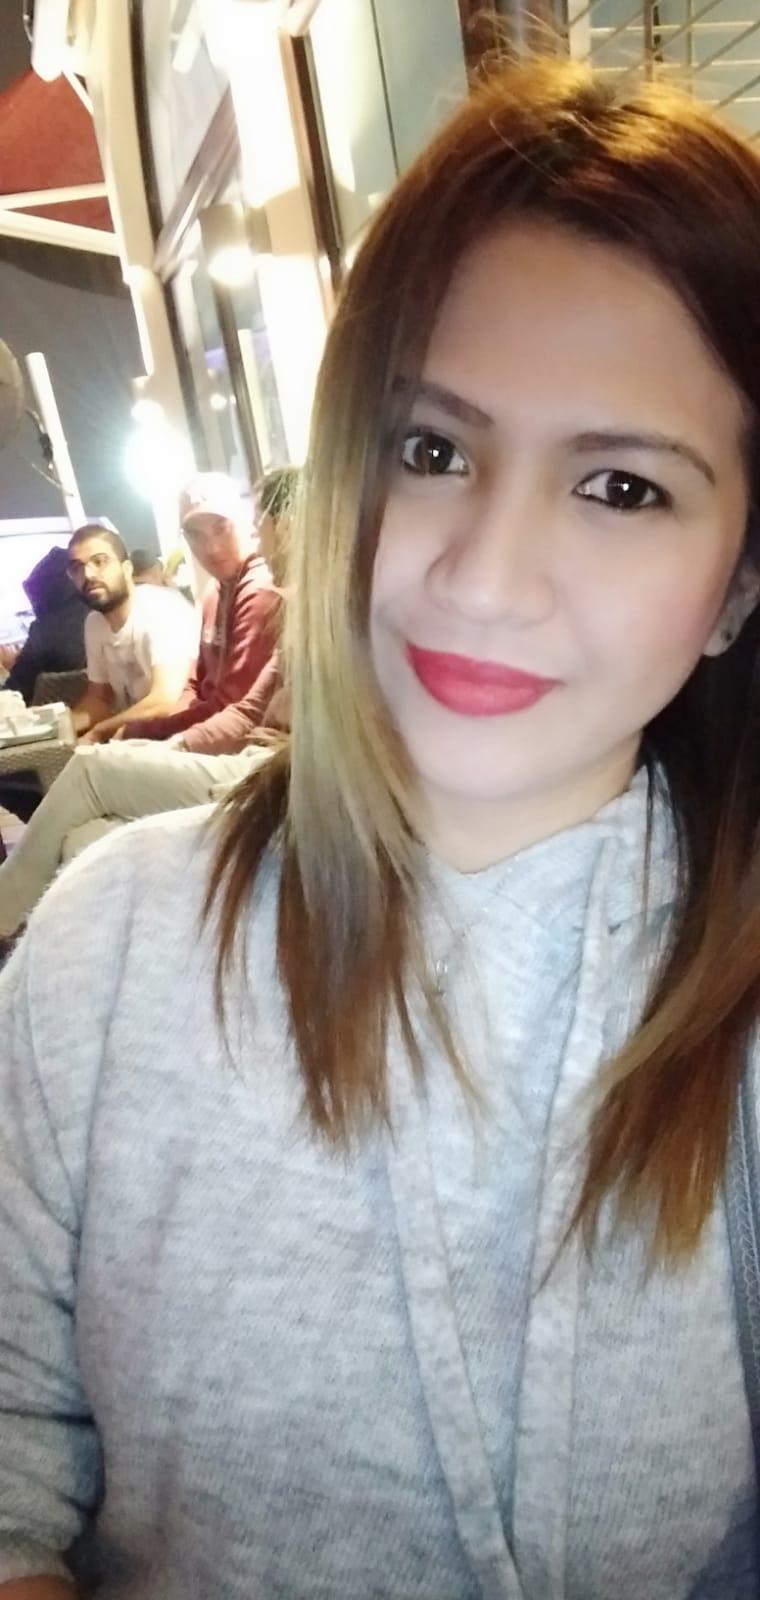 AshleyNicole_17